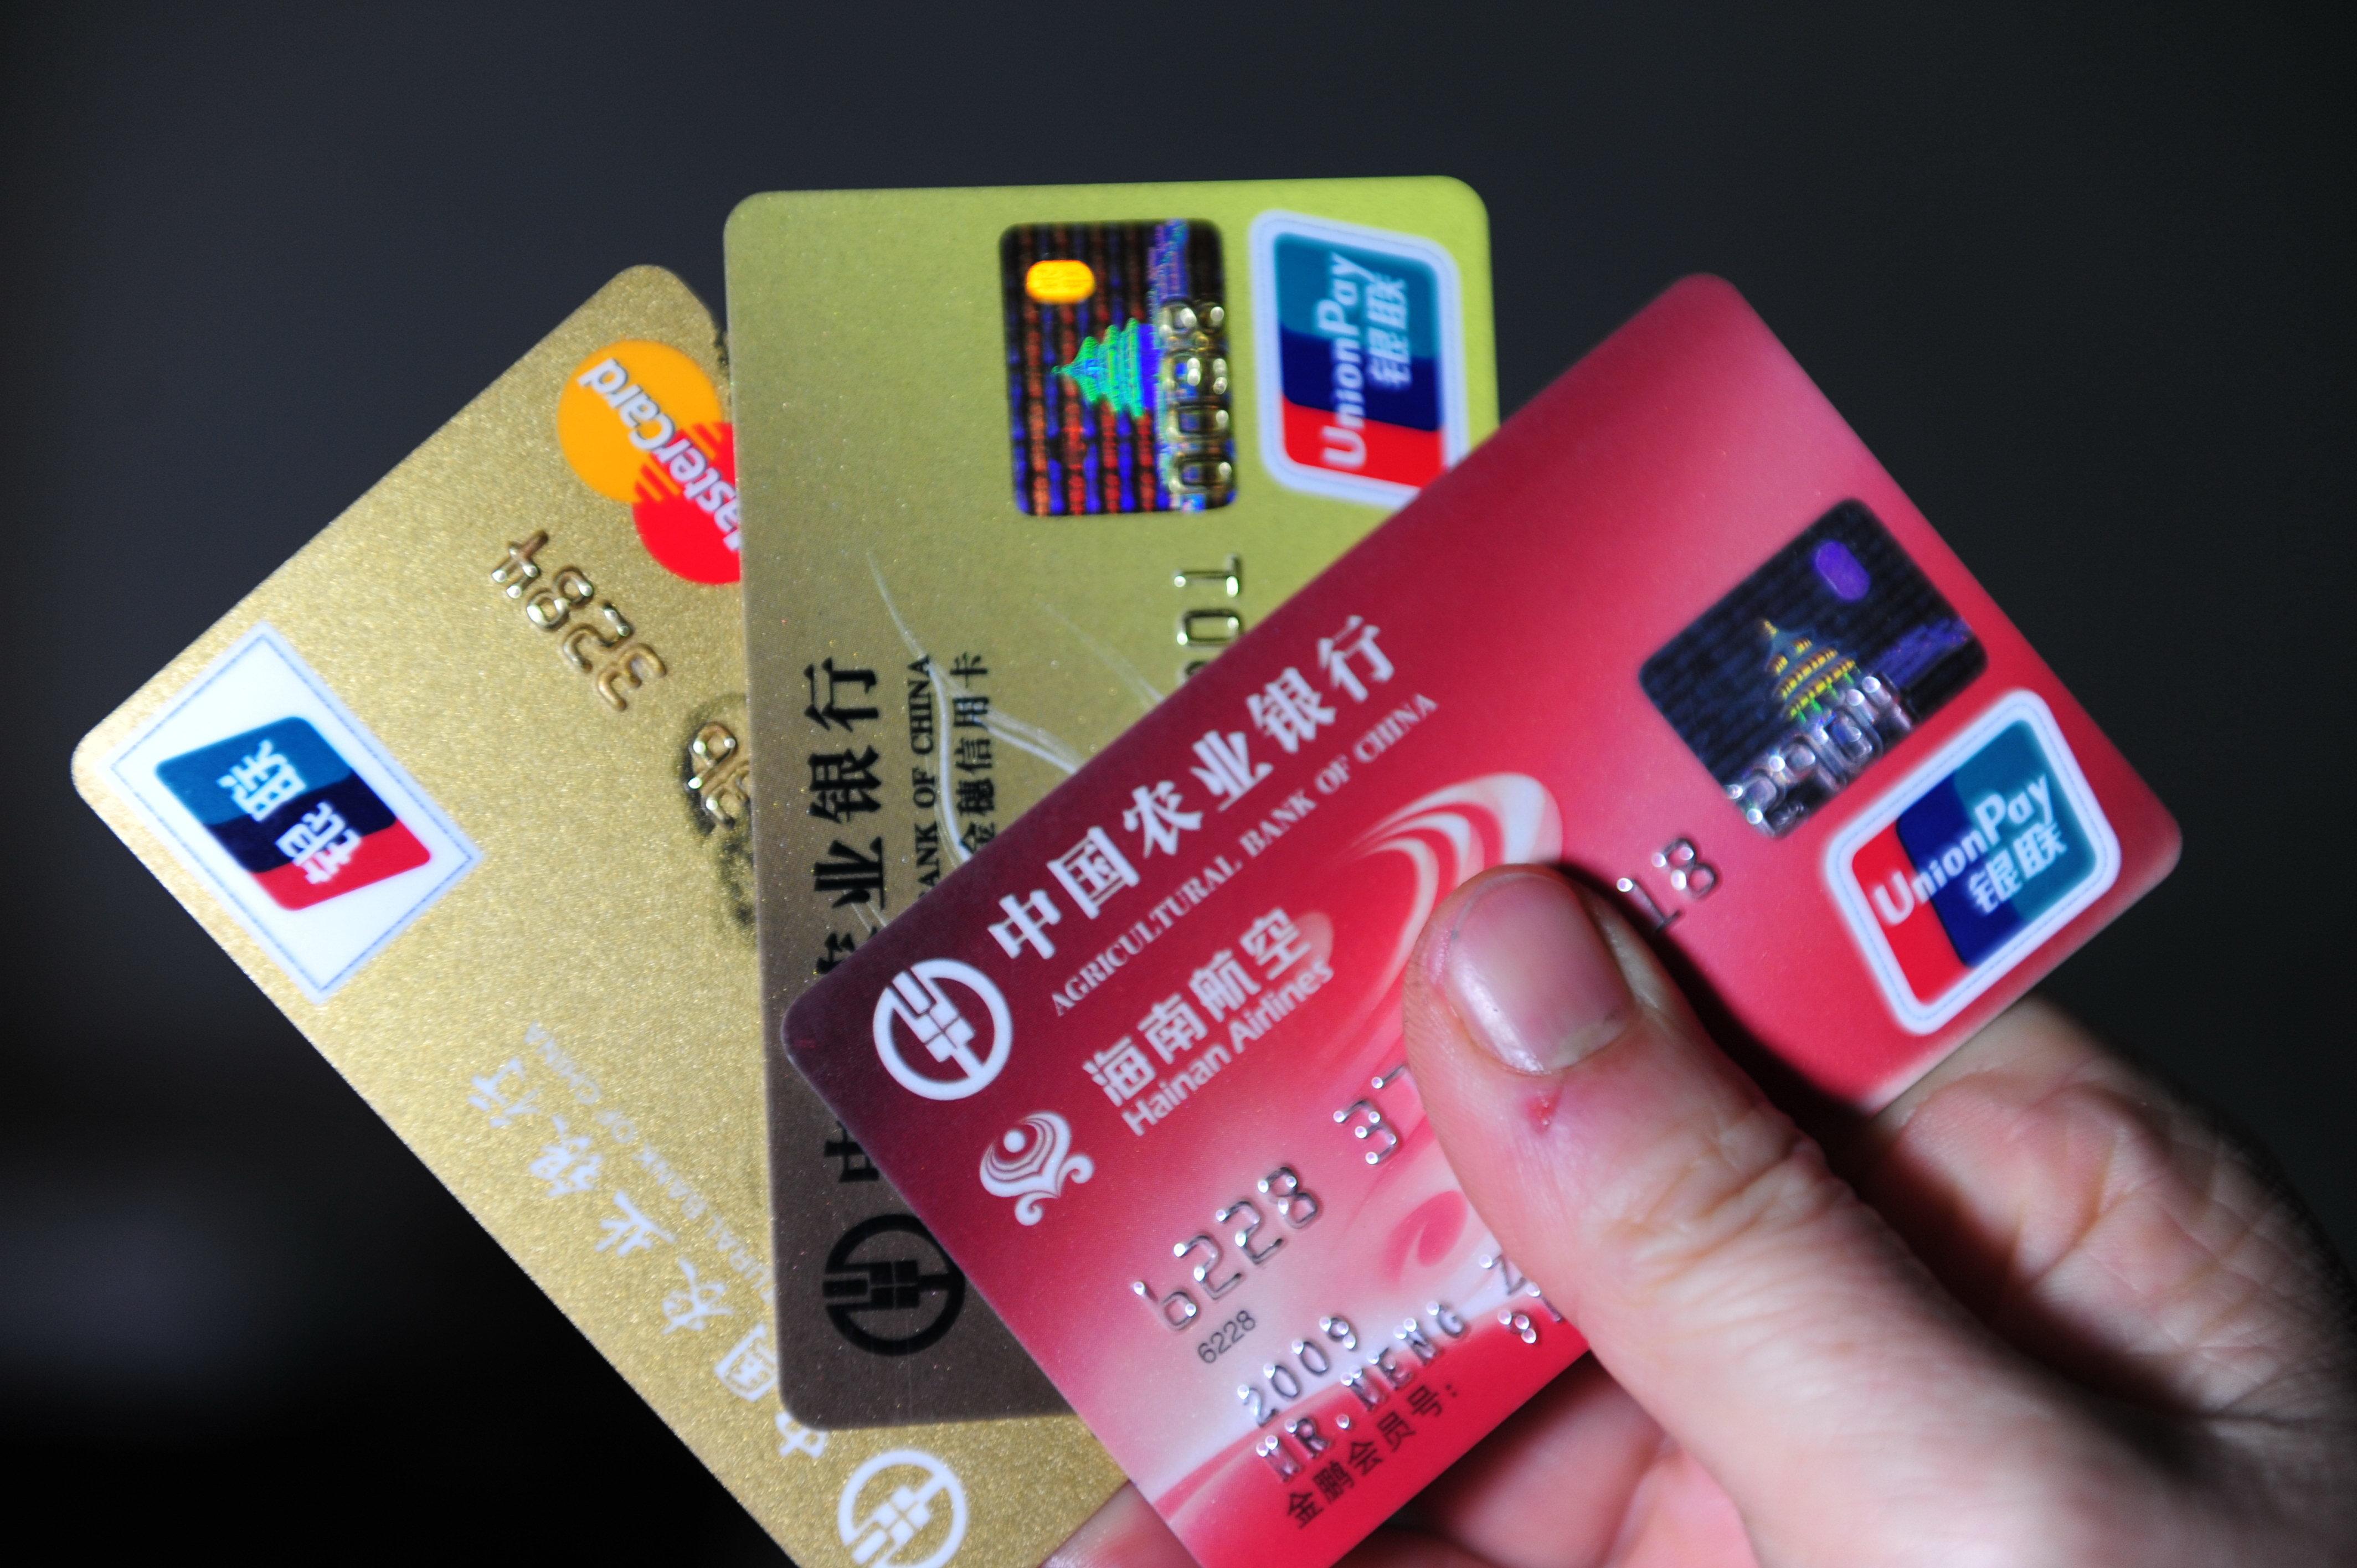 你还在养这3种信用卡吗?如果有就抓紧注销了吧!